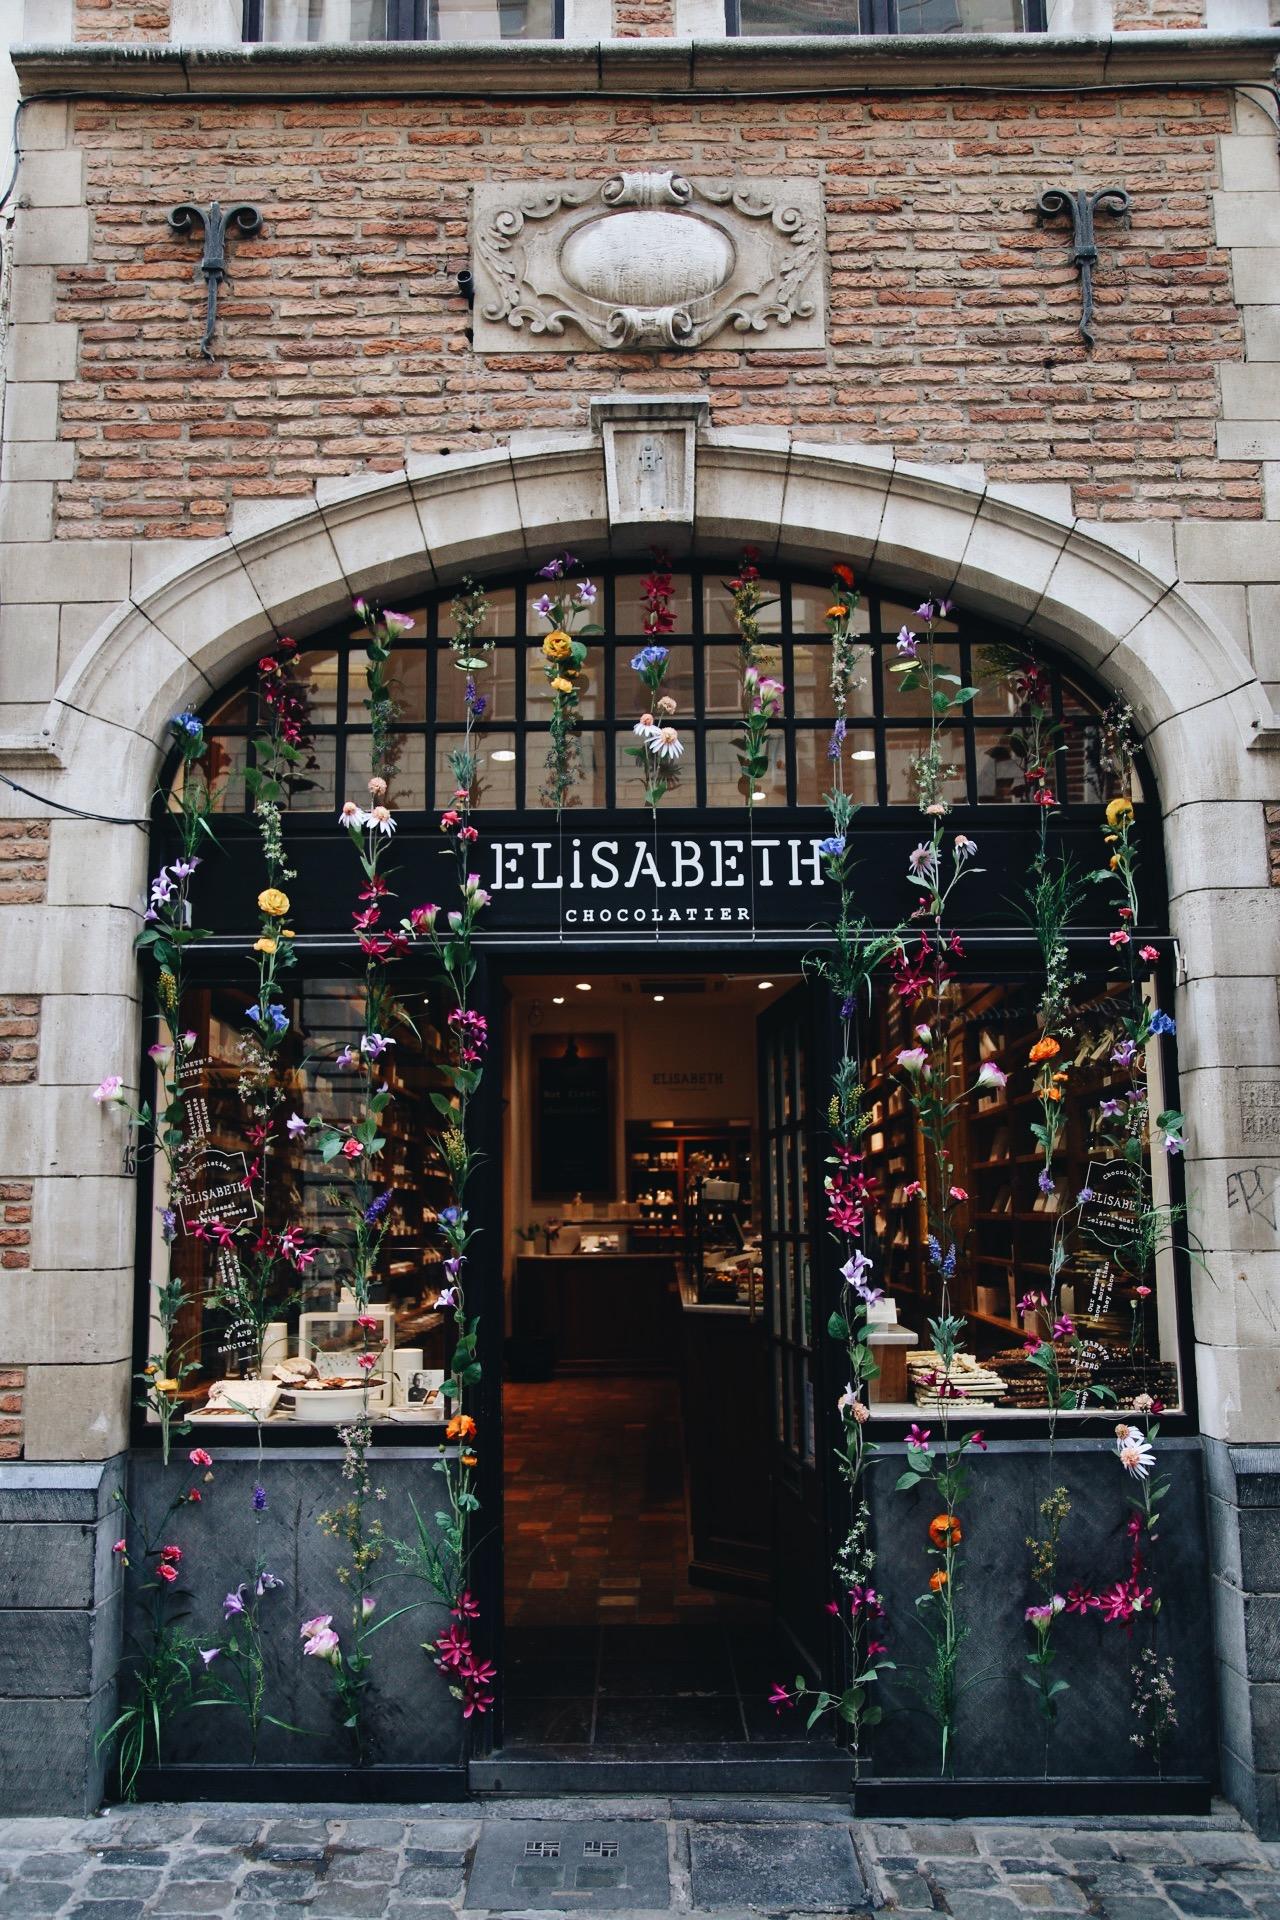 bruxelles-Elisabeth-chocolatier-belgique.JPG